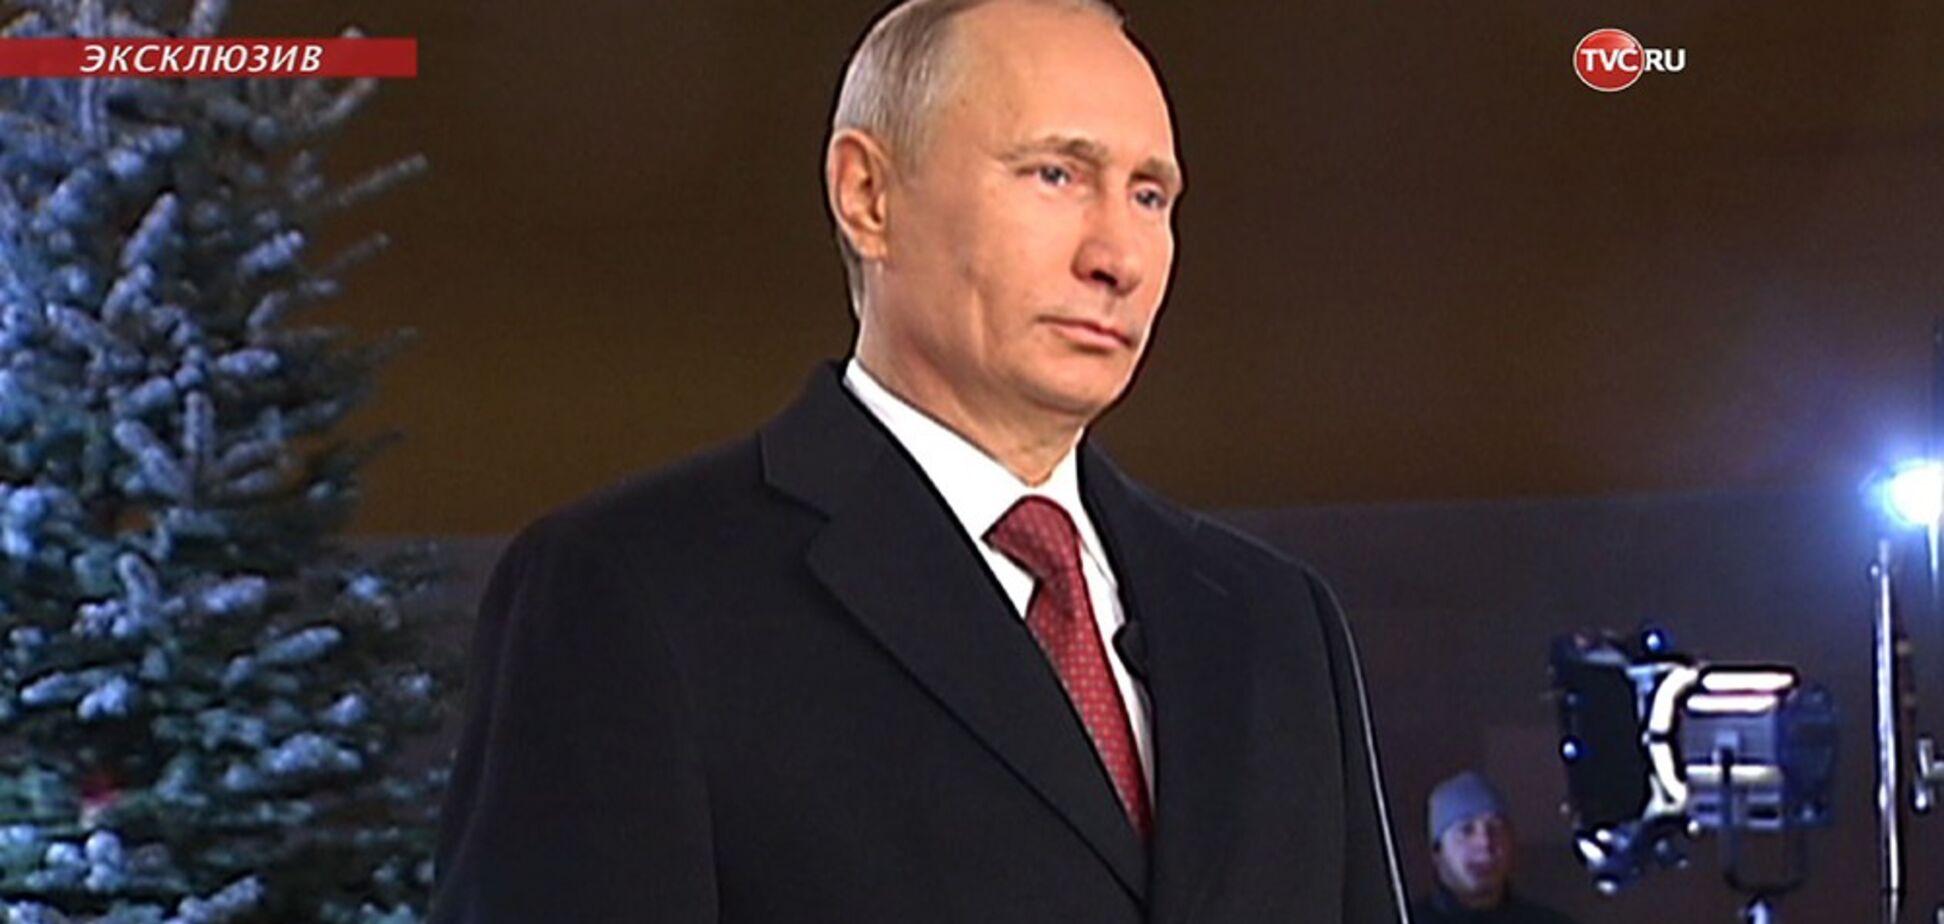 'Отойдет за Брежневым': Путину сделали тревожный прогноз на год Собаки